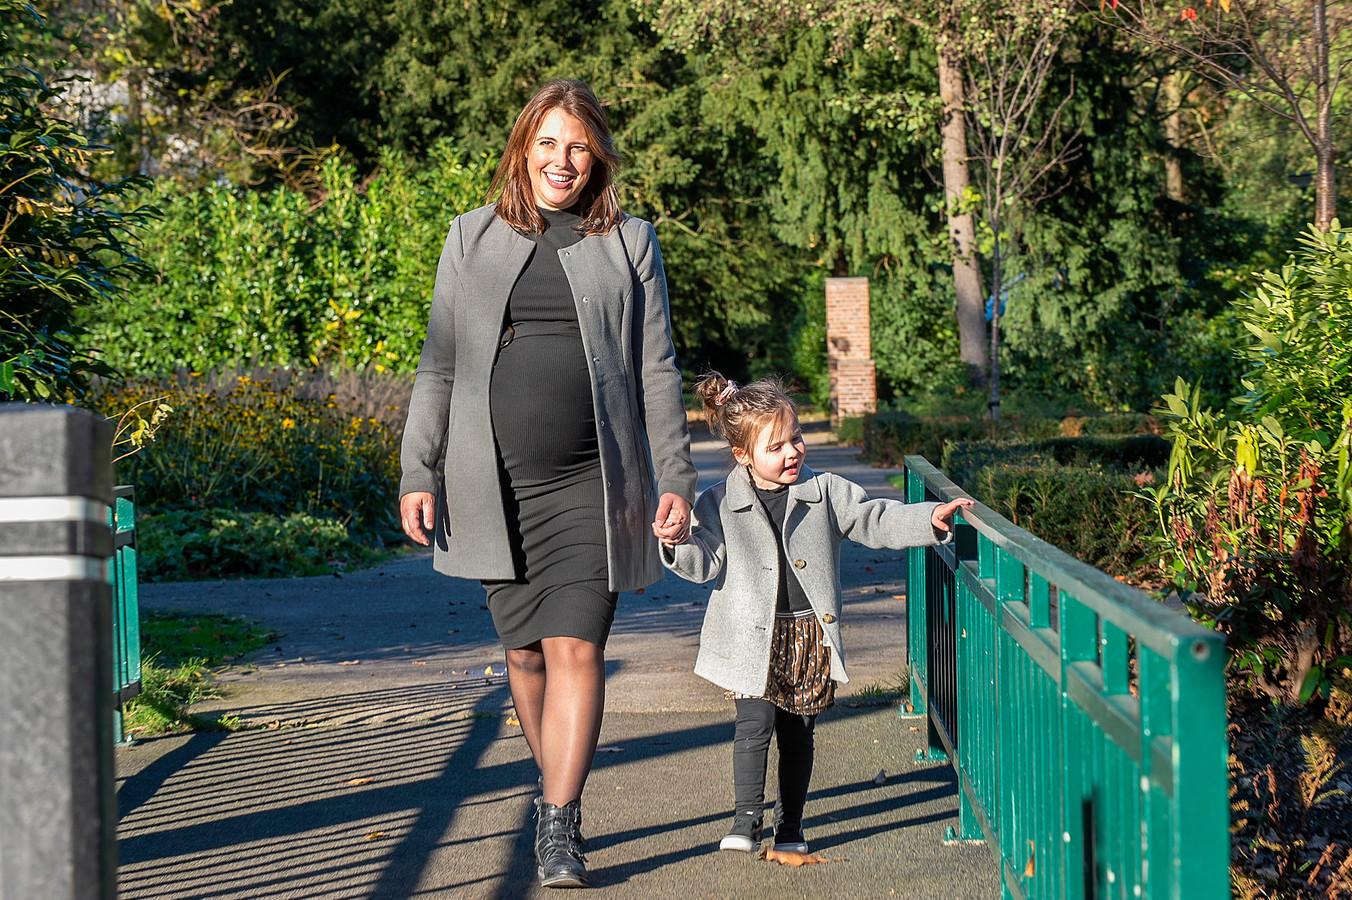 Loïs (3,5) niet wachten tot haar broertje of zusje er is. 'Het kindje komt met 'kersemus' zegt ze dan', vertelt moeder Ankie.